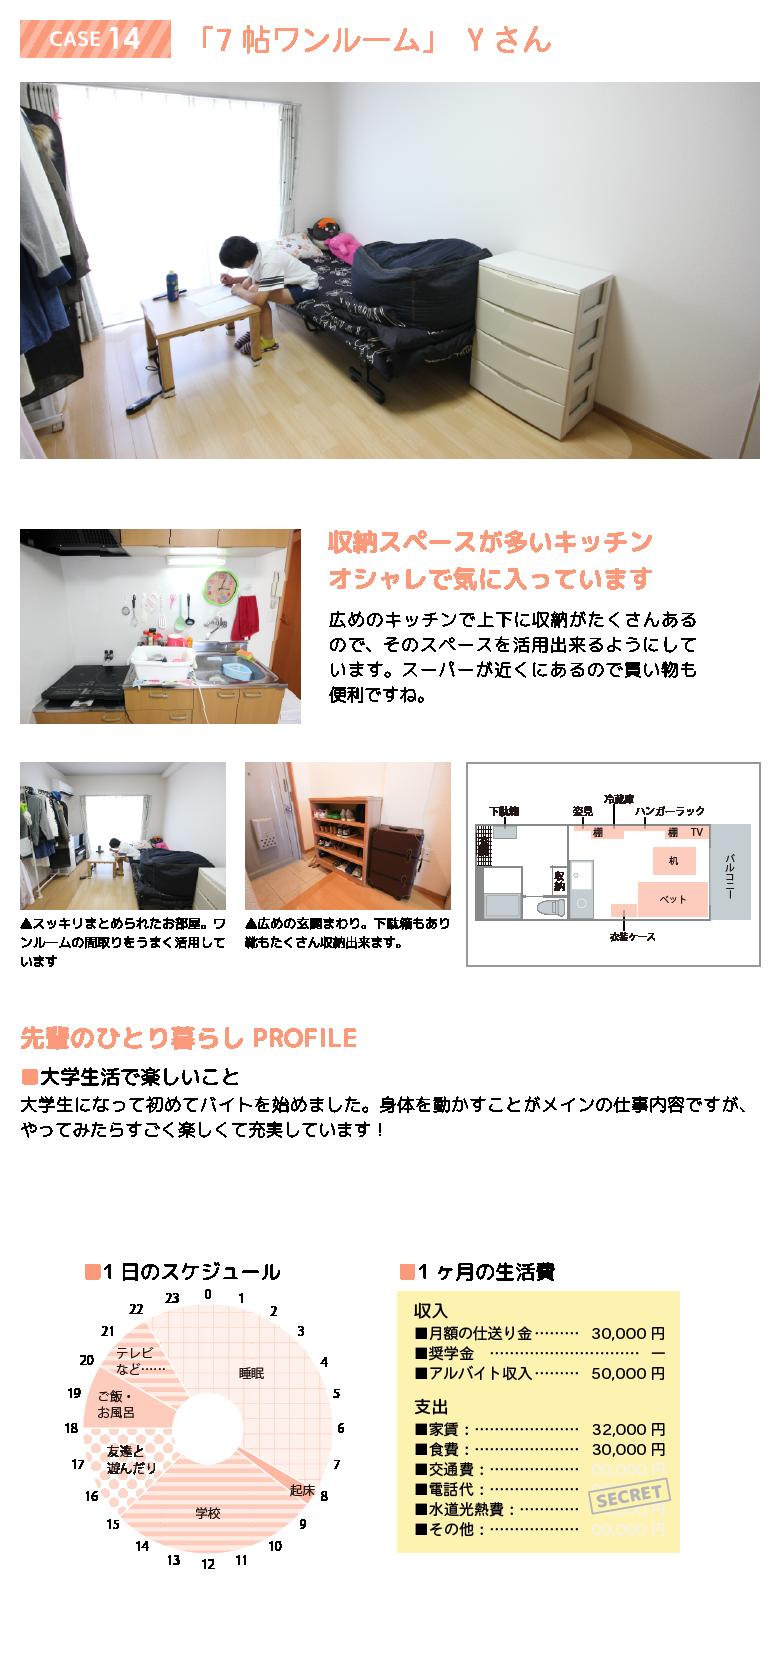 先輩のお部屋 case14